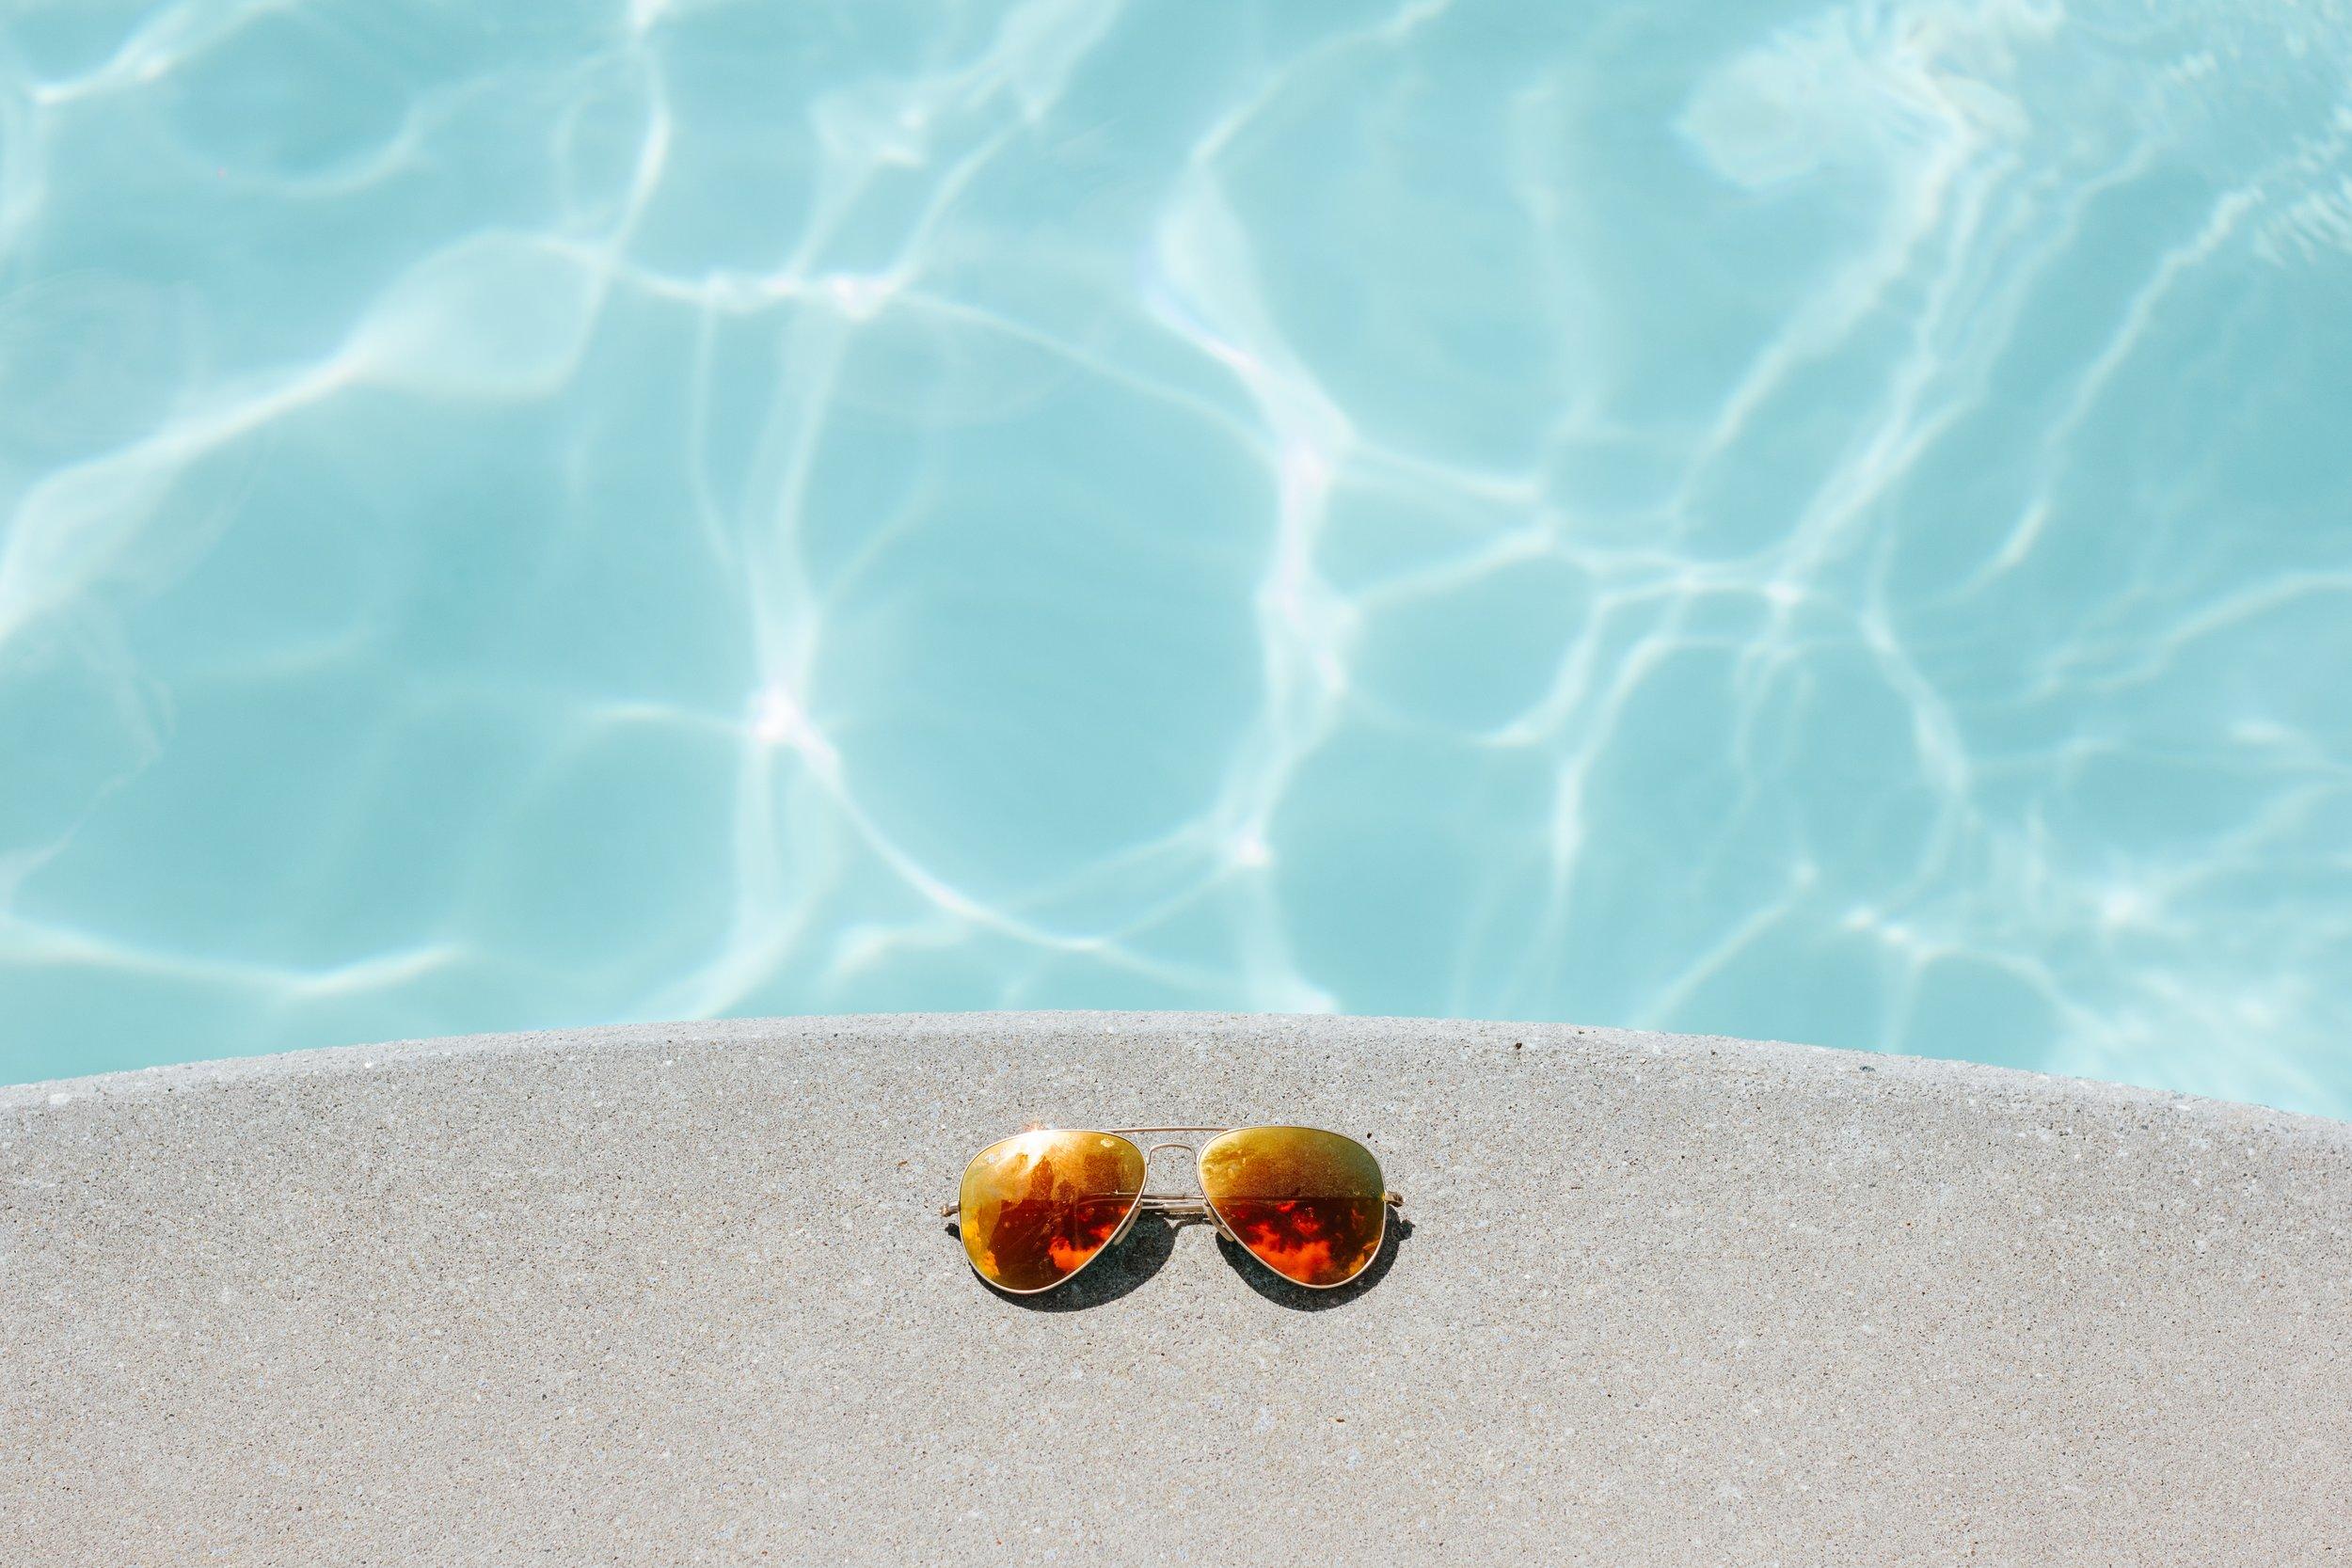 pool-sunglasses.jpg